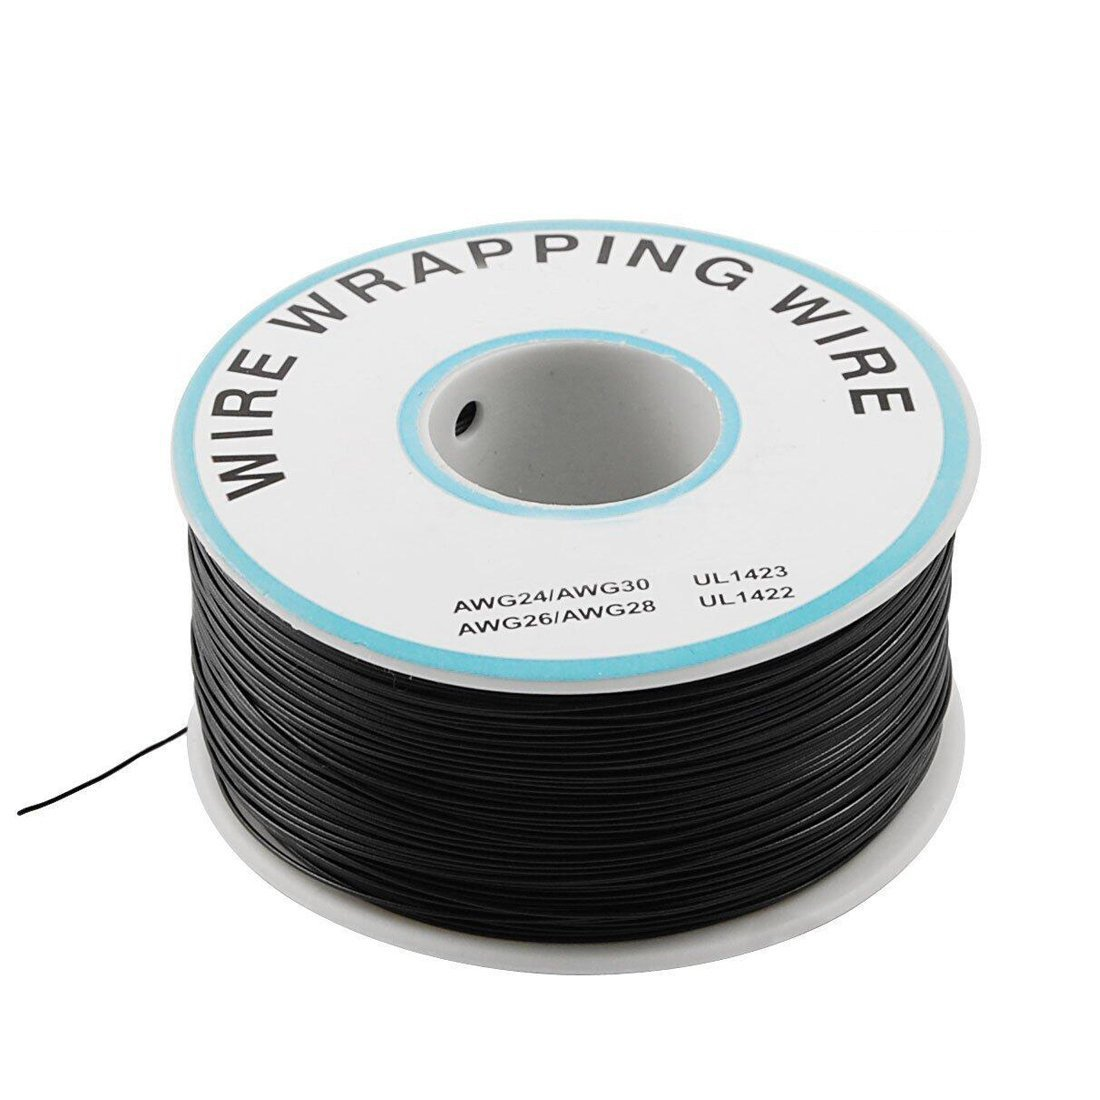 Saim - P/N B-30-1000 - Fil de wrapping ou câblage en étain plaqué cuivre - AWG 30 - pour réparations sur circuits imprimés - 200m, blanc, A00047